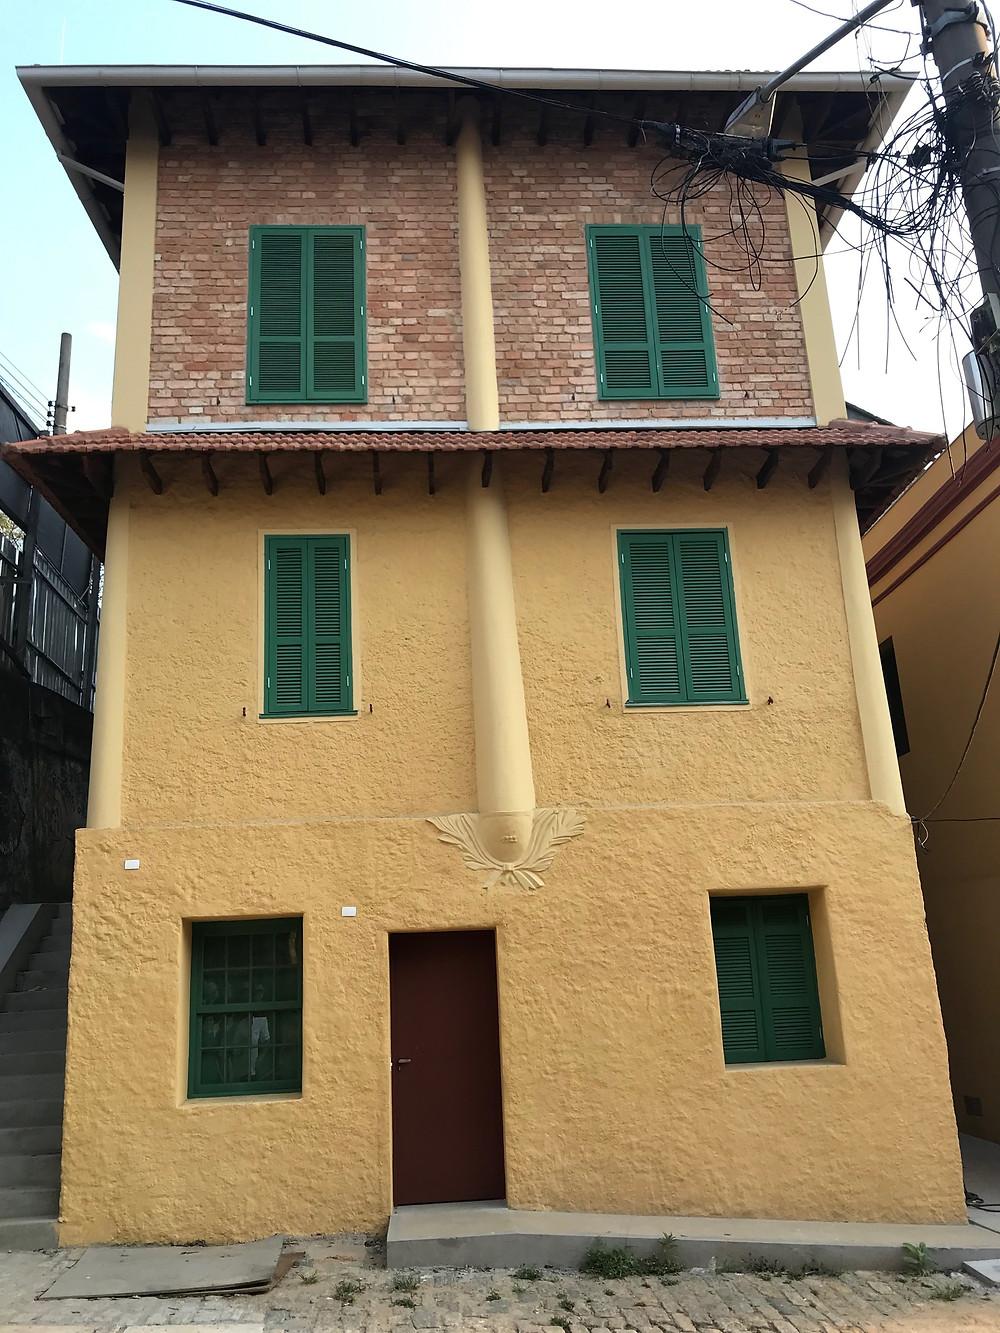 Casas restauradas. Acervo pessoal.